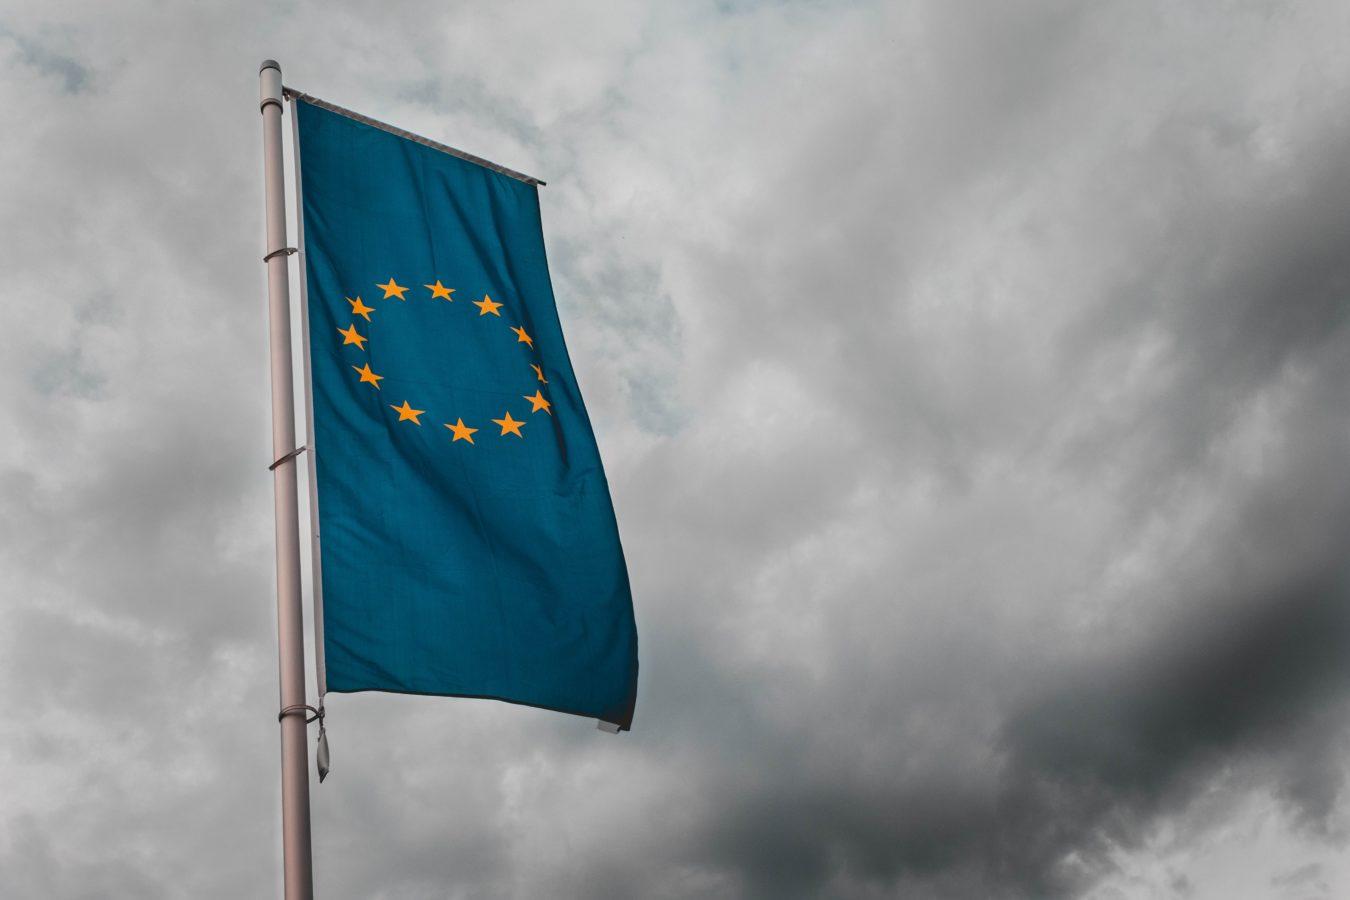 L'UNION EUROPEENNE, GEANT MELANCOLIQUE, A L'HEURE DU CHOIX